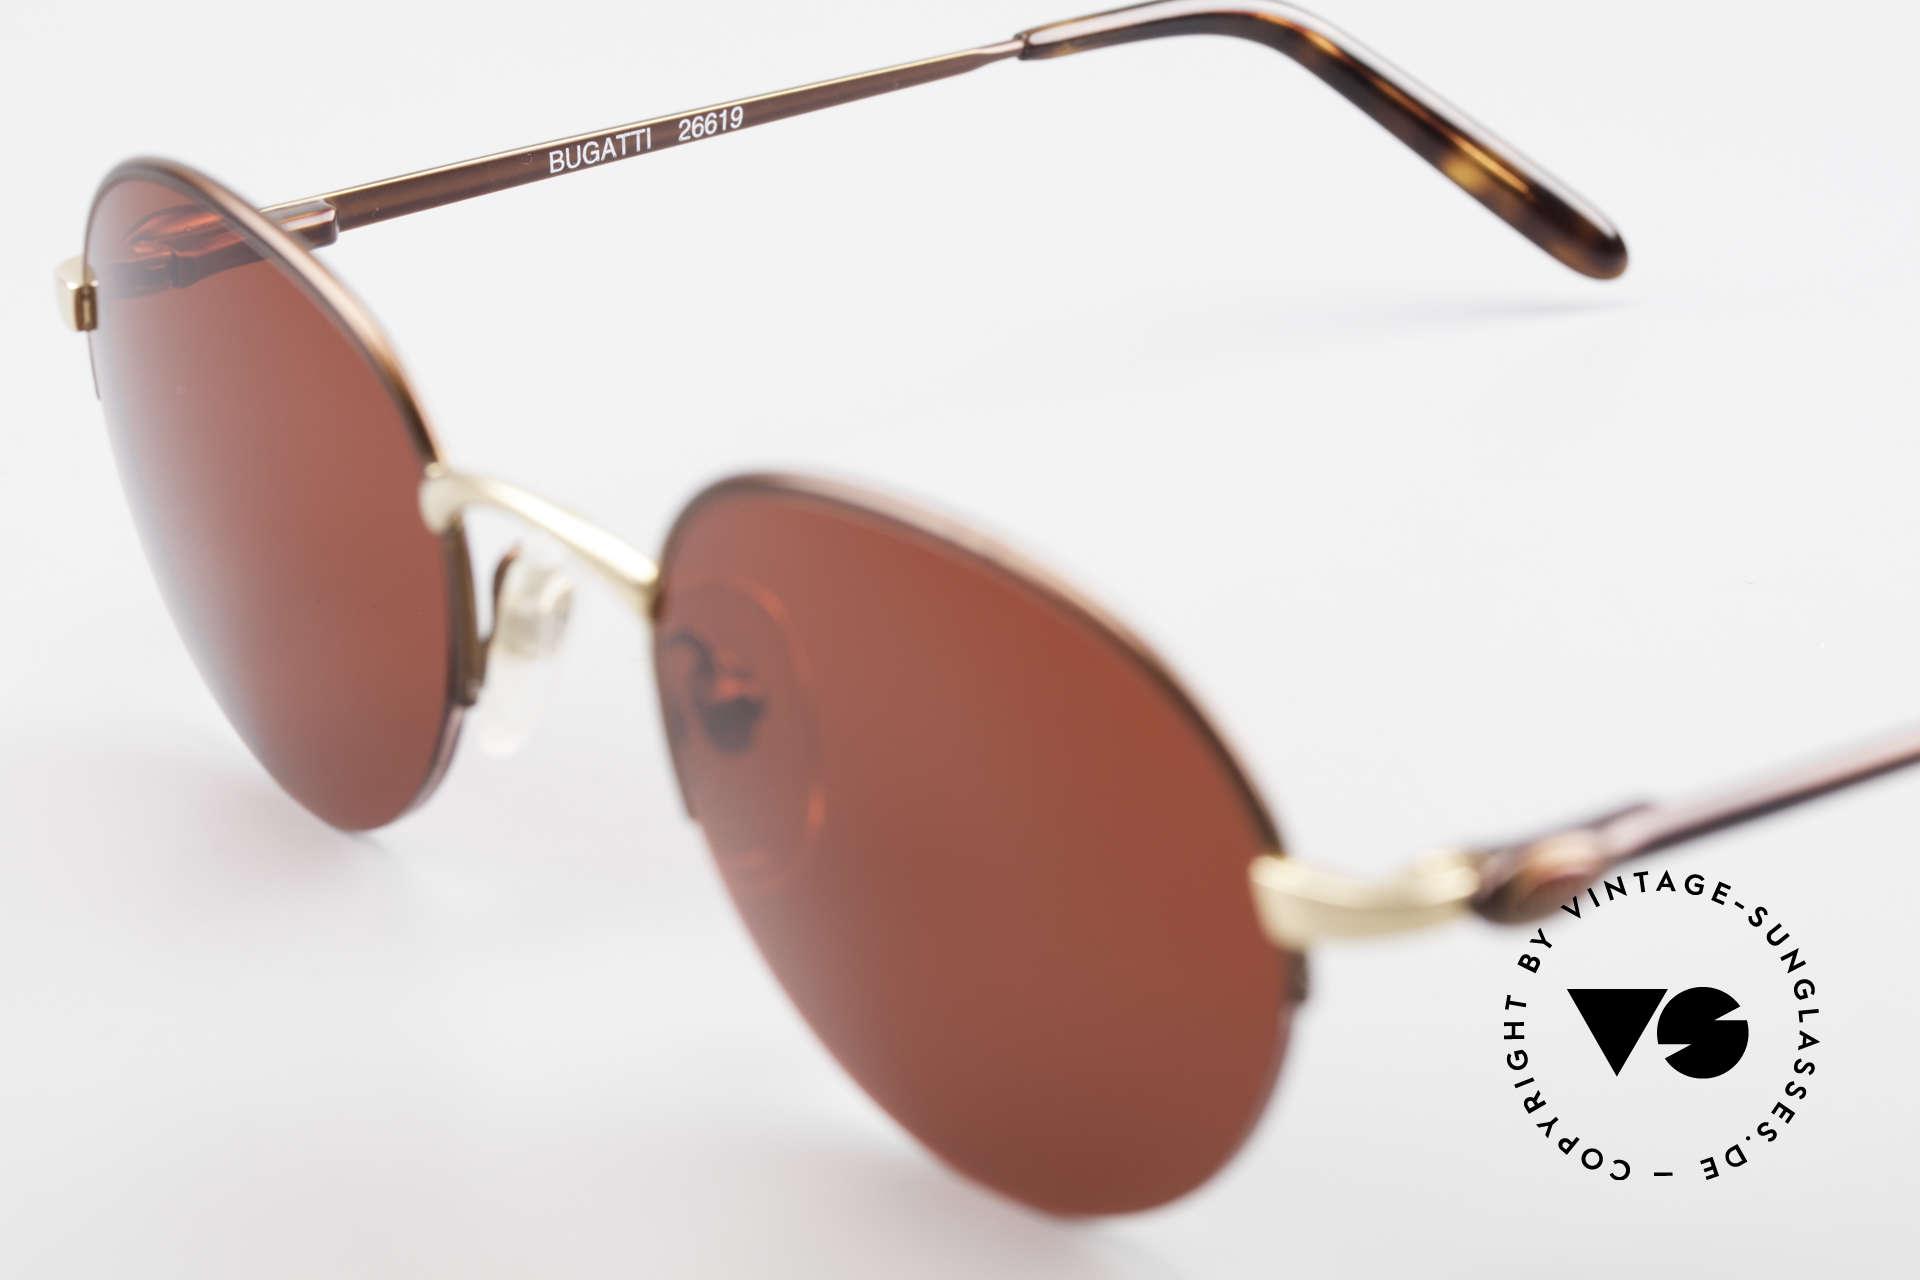 Bugatti 26619 Runde Bugatti Panto Brille, knalligen 3D-rot Sonnengläser sind austauschbar, Passend für Herren